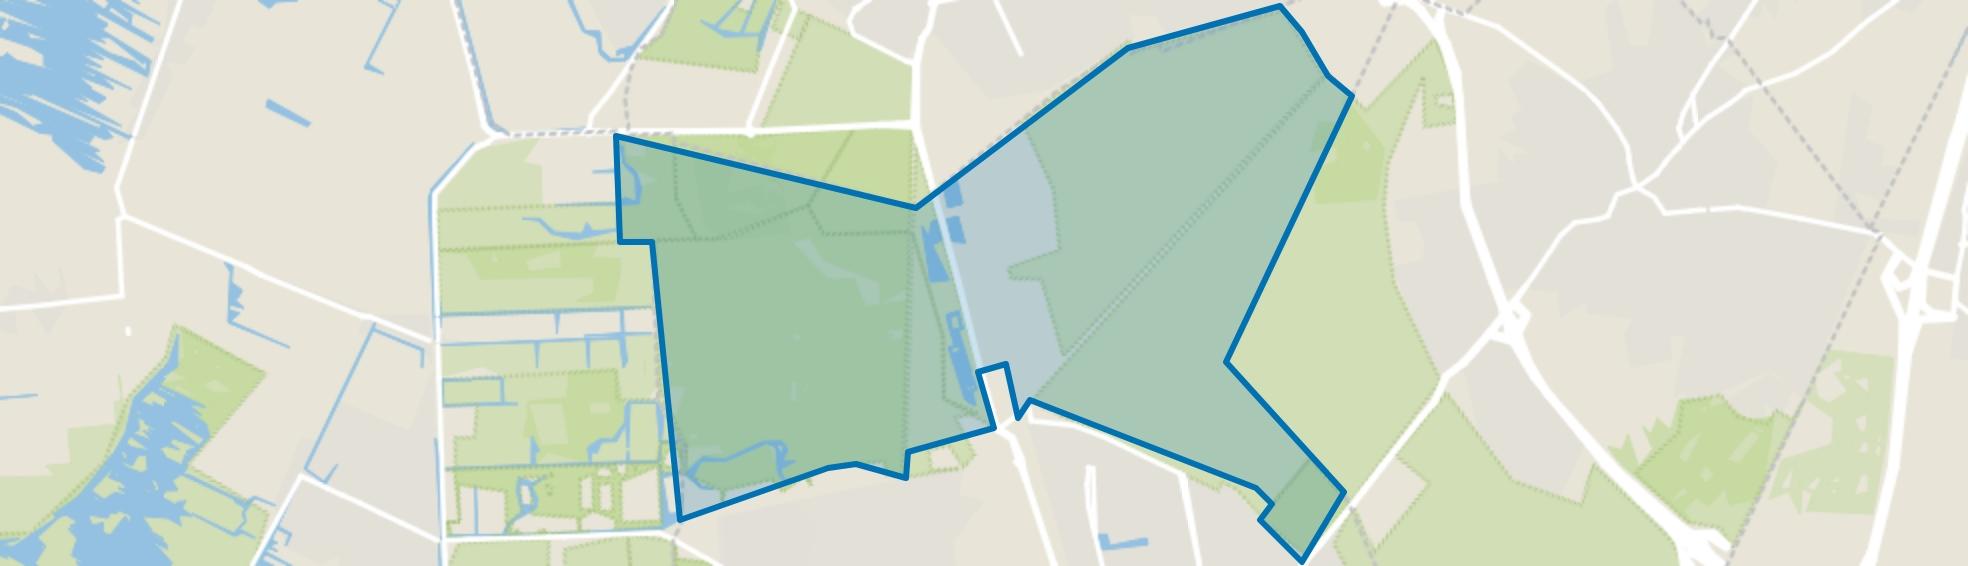 Landelijk Gebied 91, Hilversum map